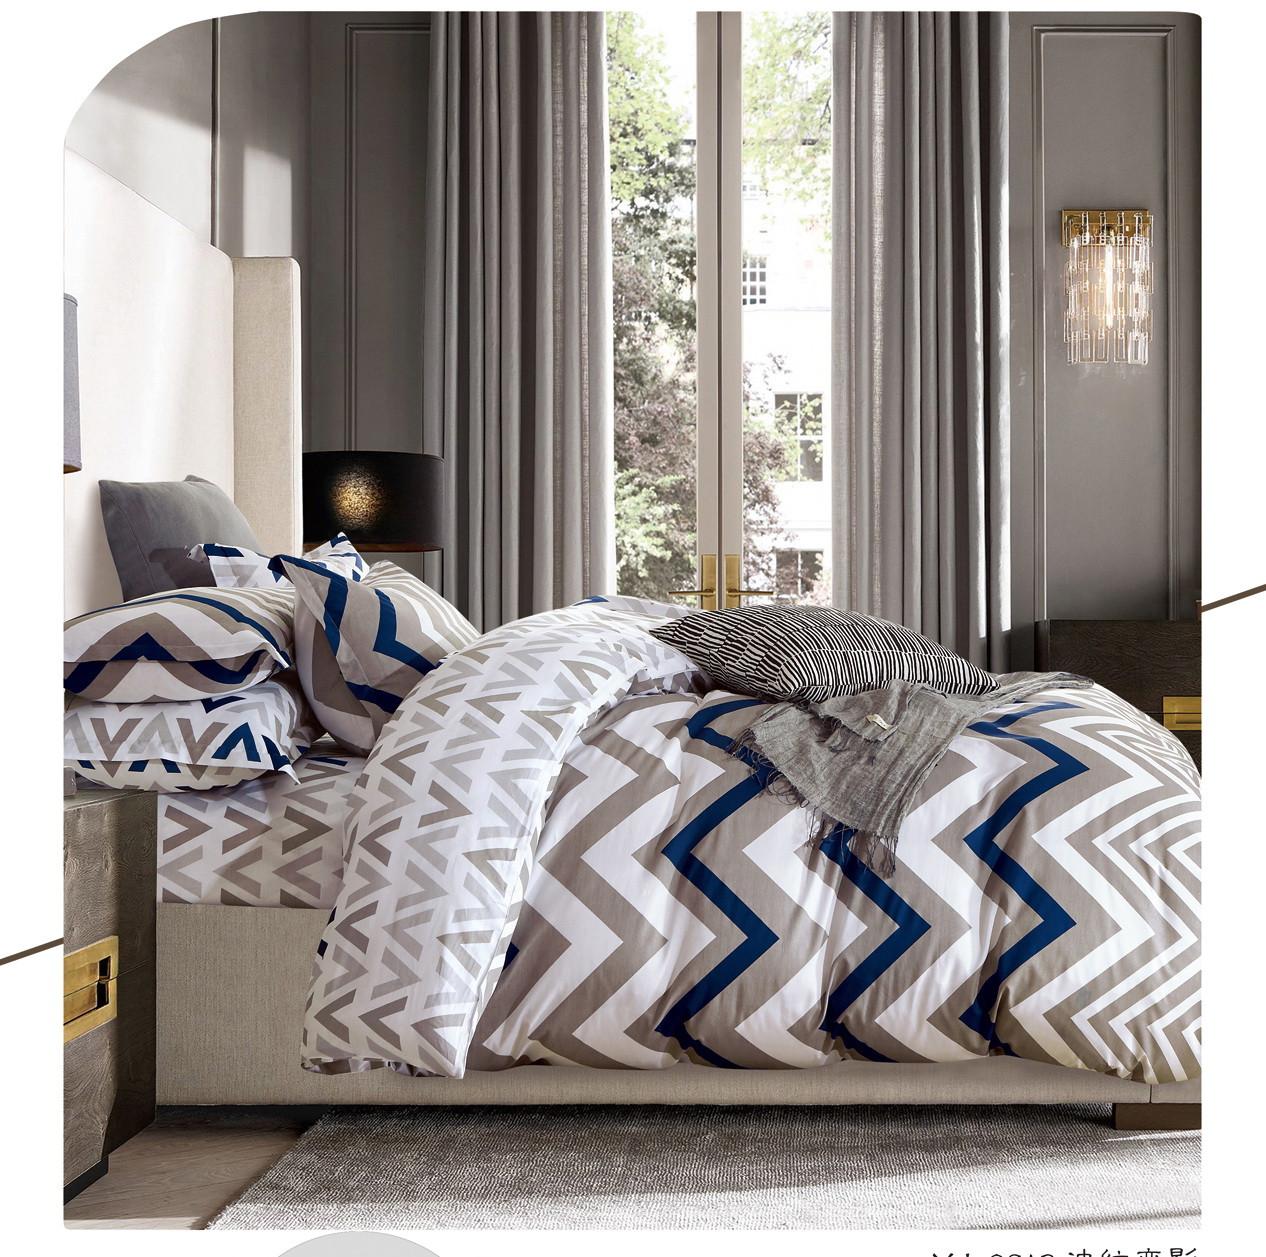 Комплект постельного белья семейный Bella Villa сатин бежевый с геометрическим орнаментом